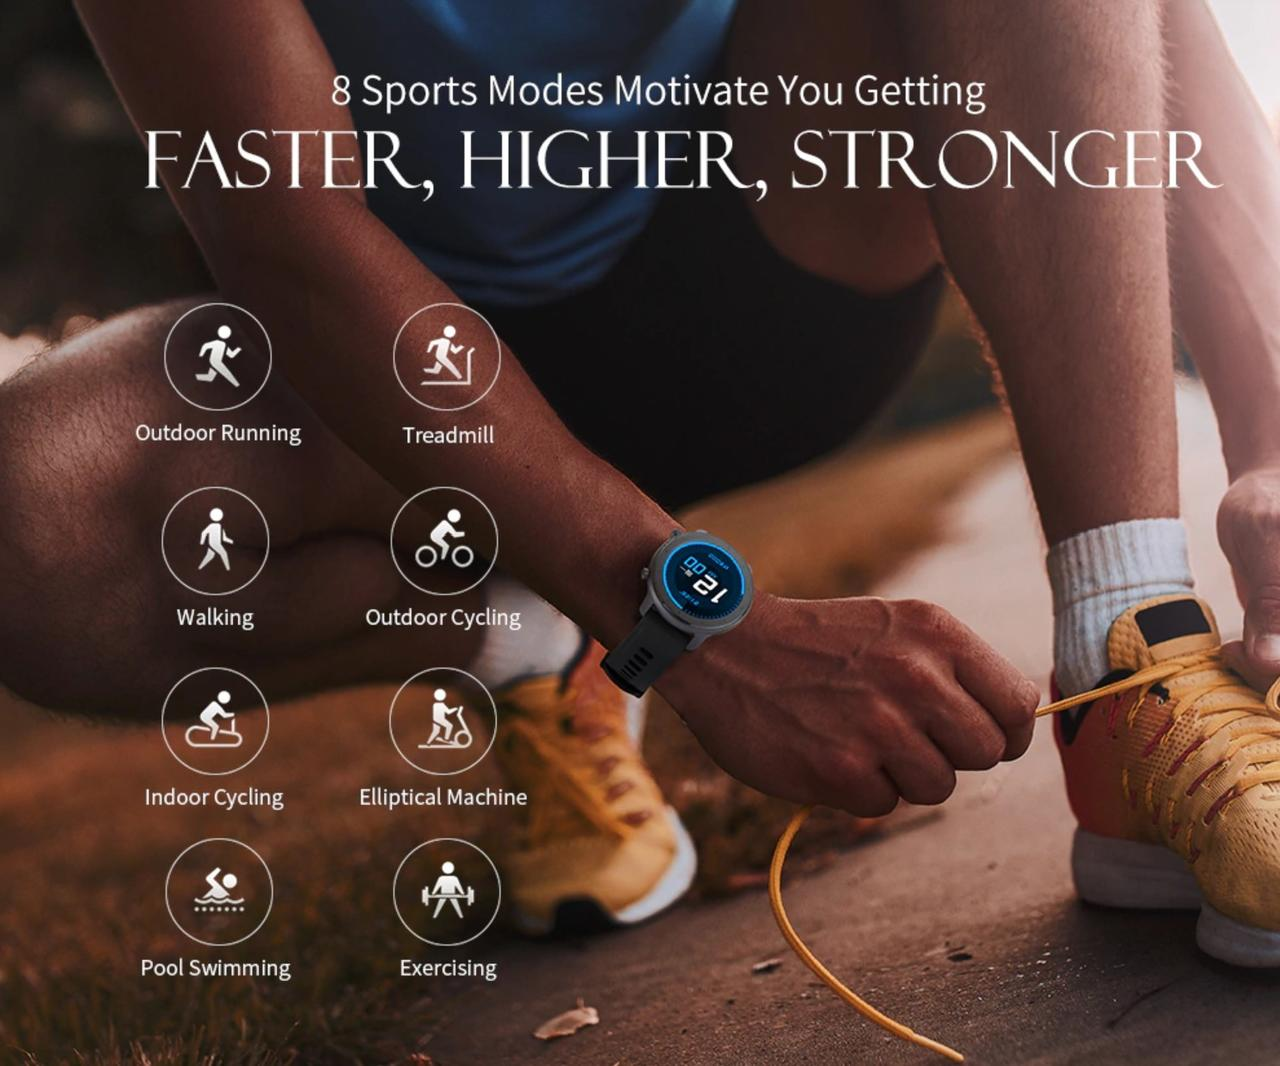 モチベーションを高める8つのスポーツモード